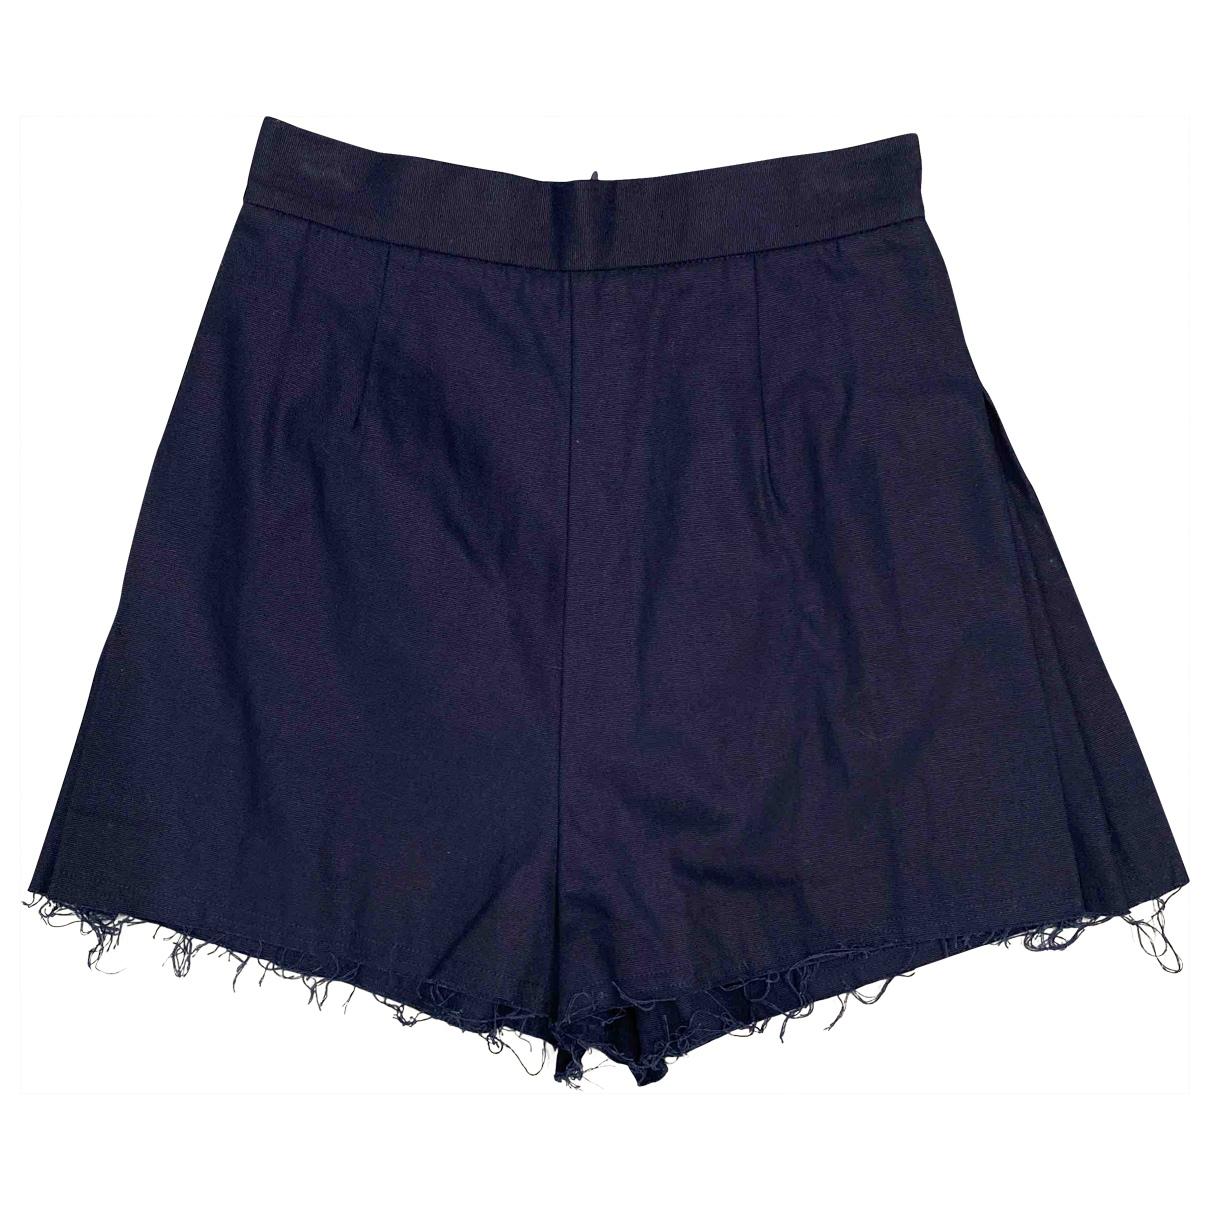 C/meo \N Shorts in  Blau Baumwolle